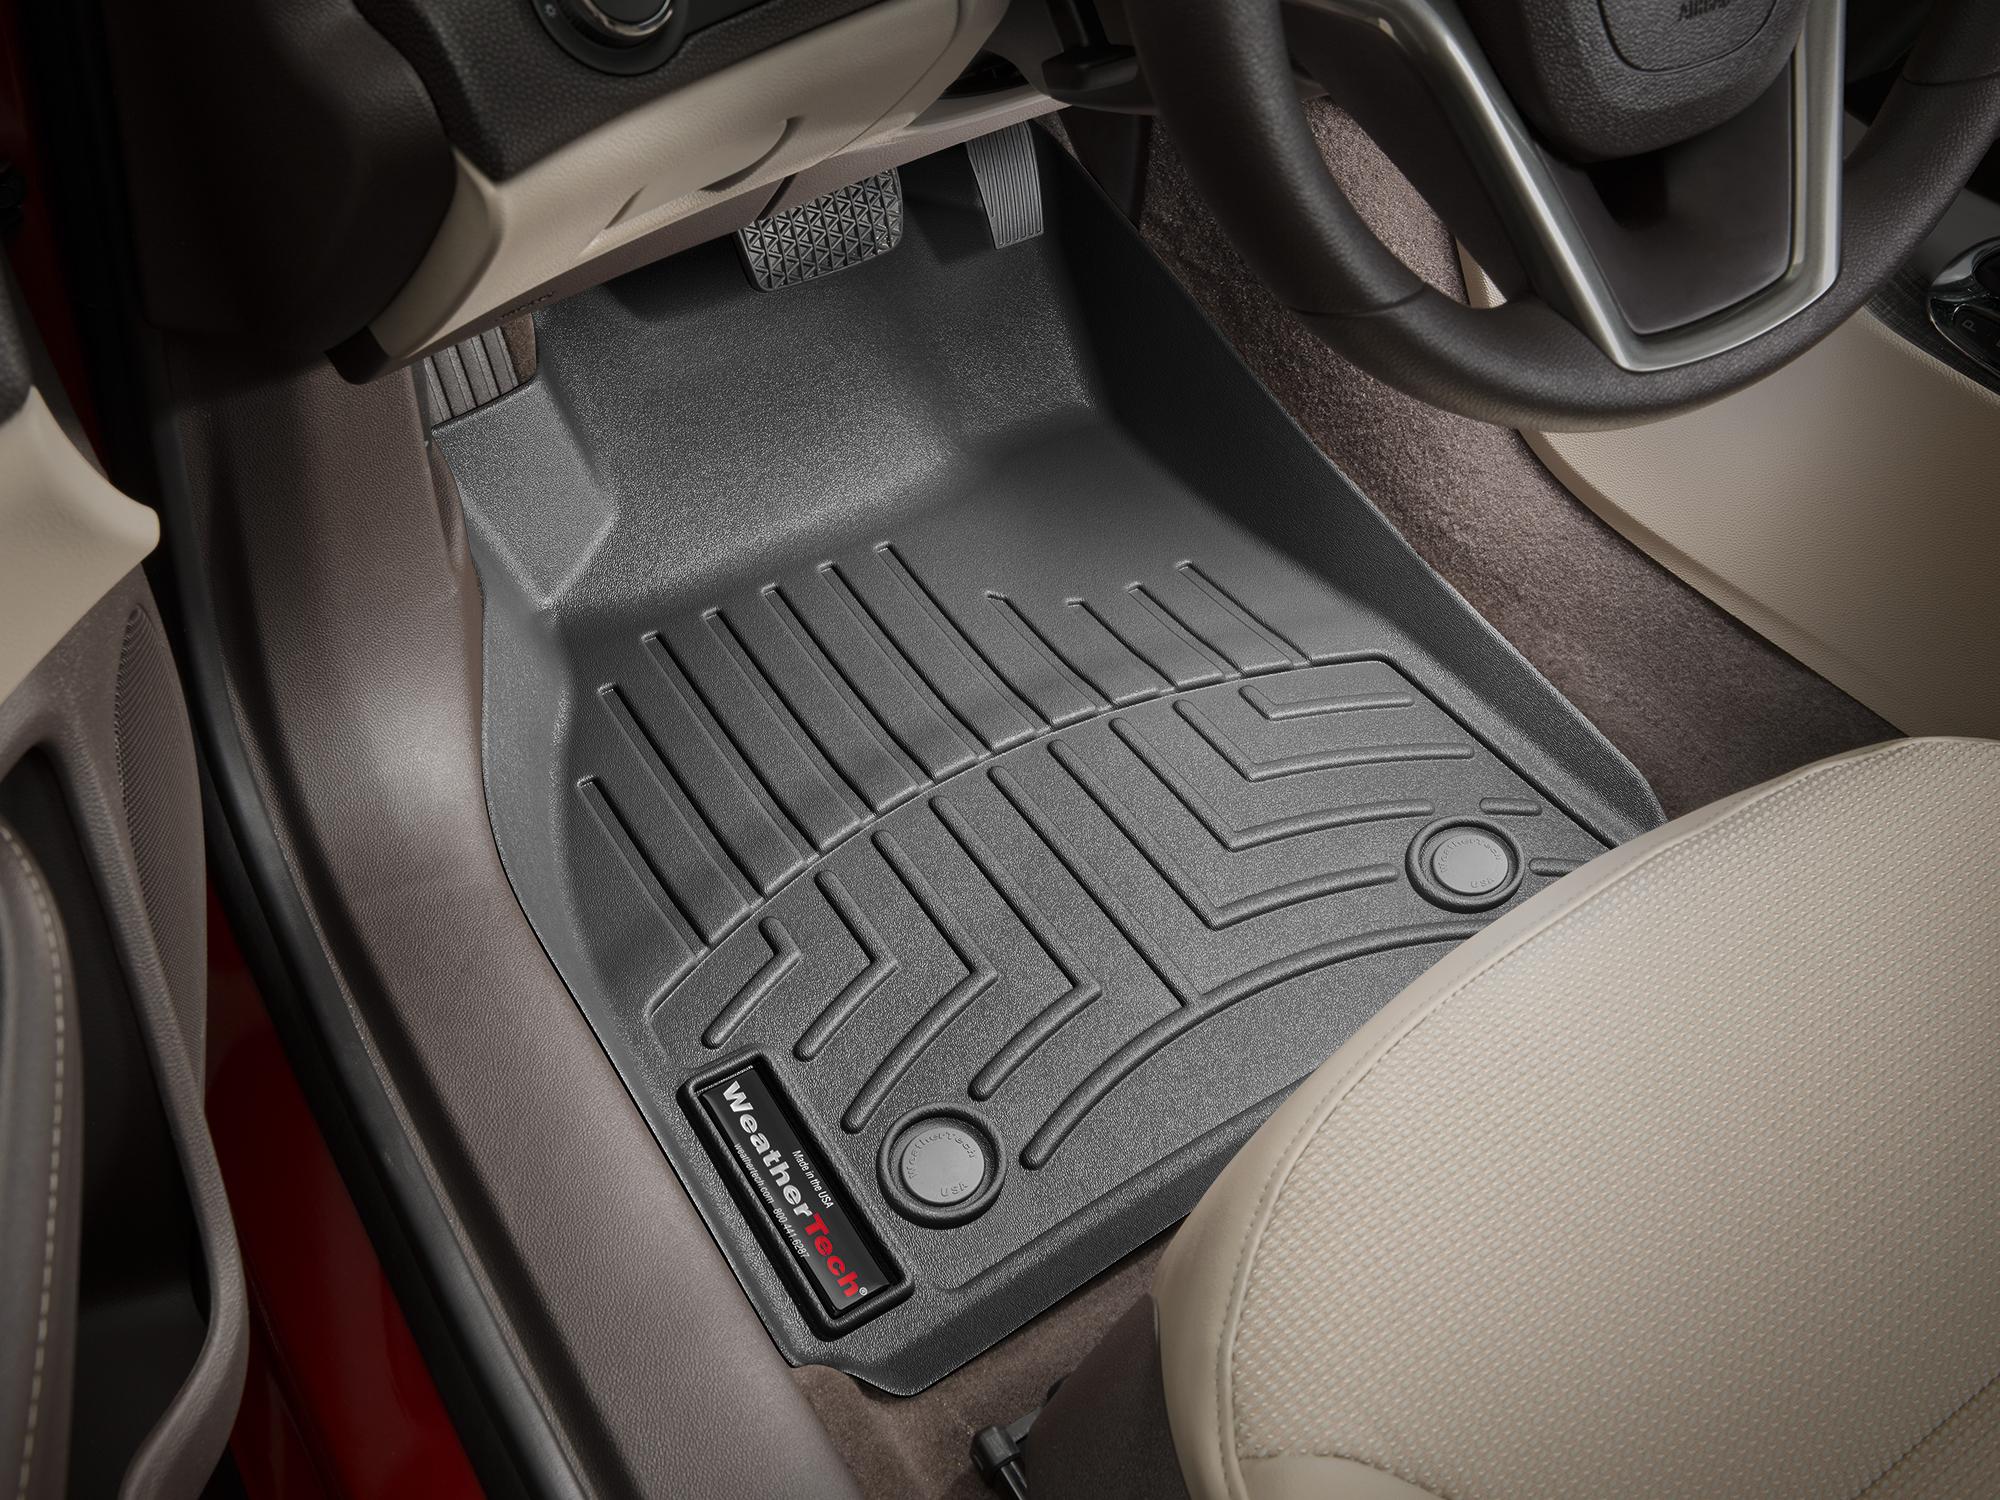 Tappeti gomma su misura bordo alto Chevrolet Malibu 13>15 Nero A146